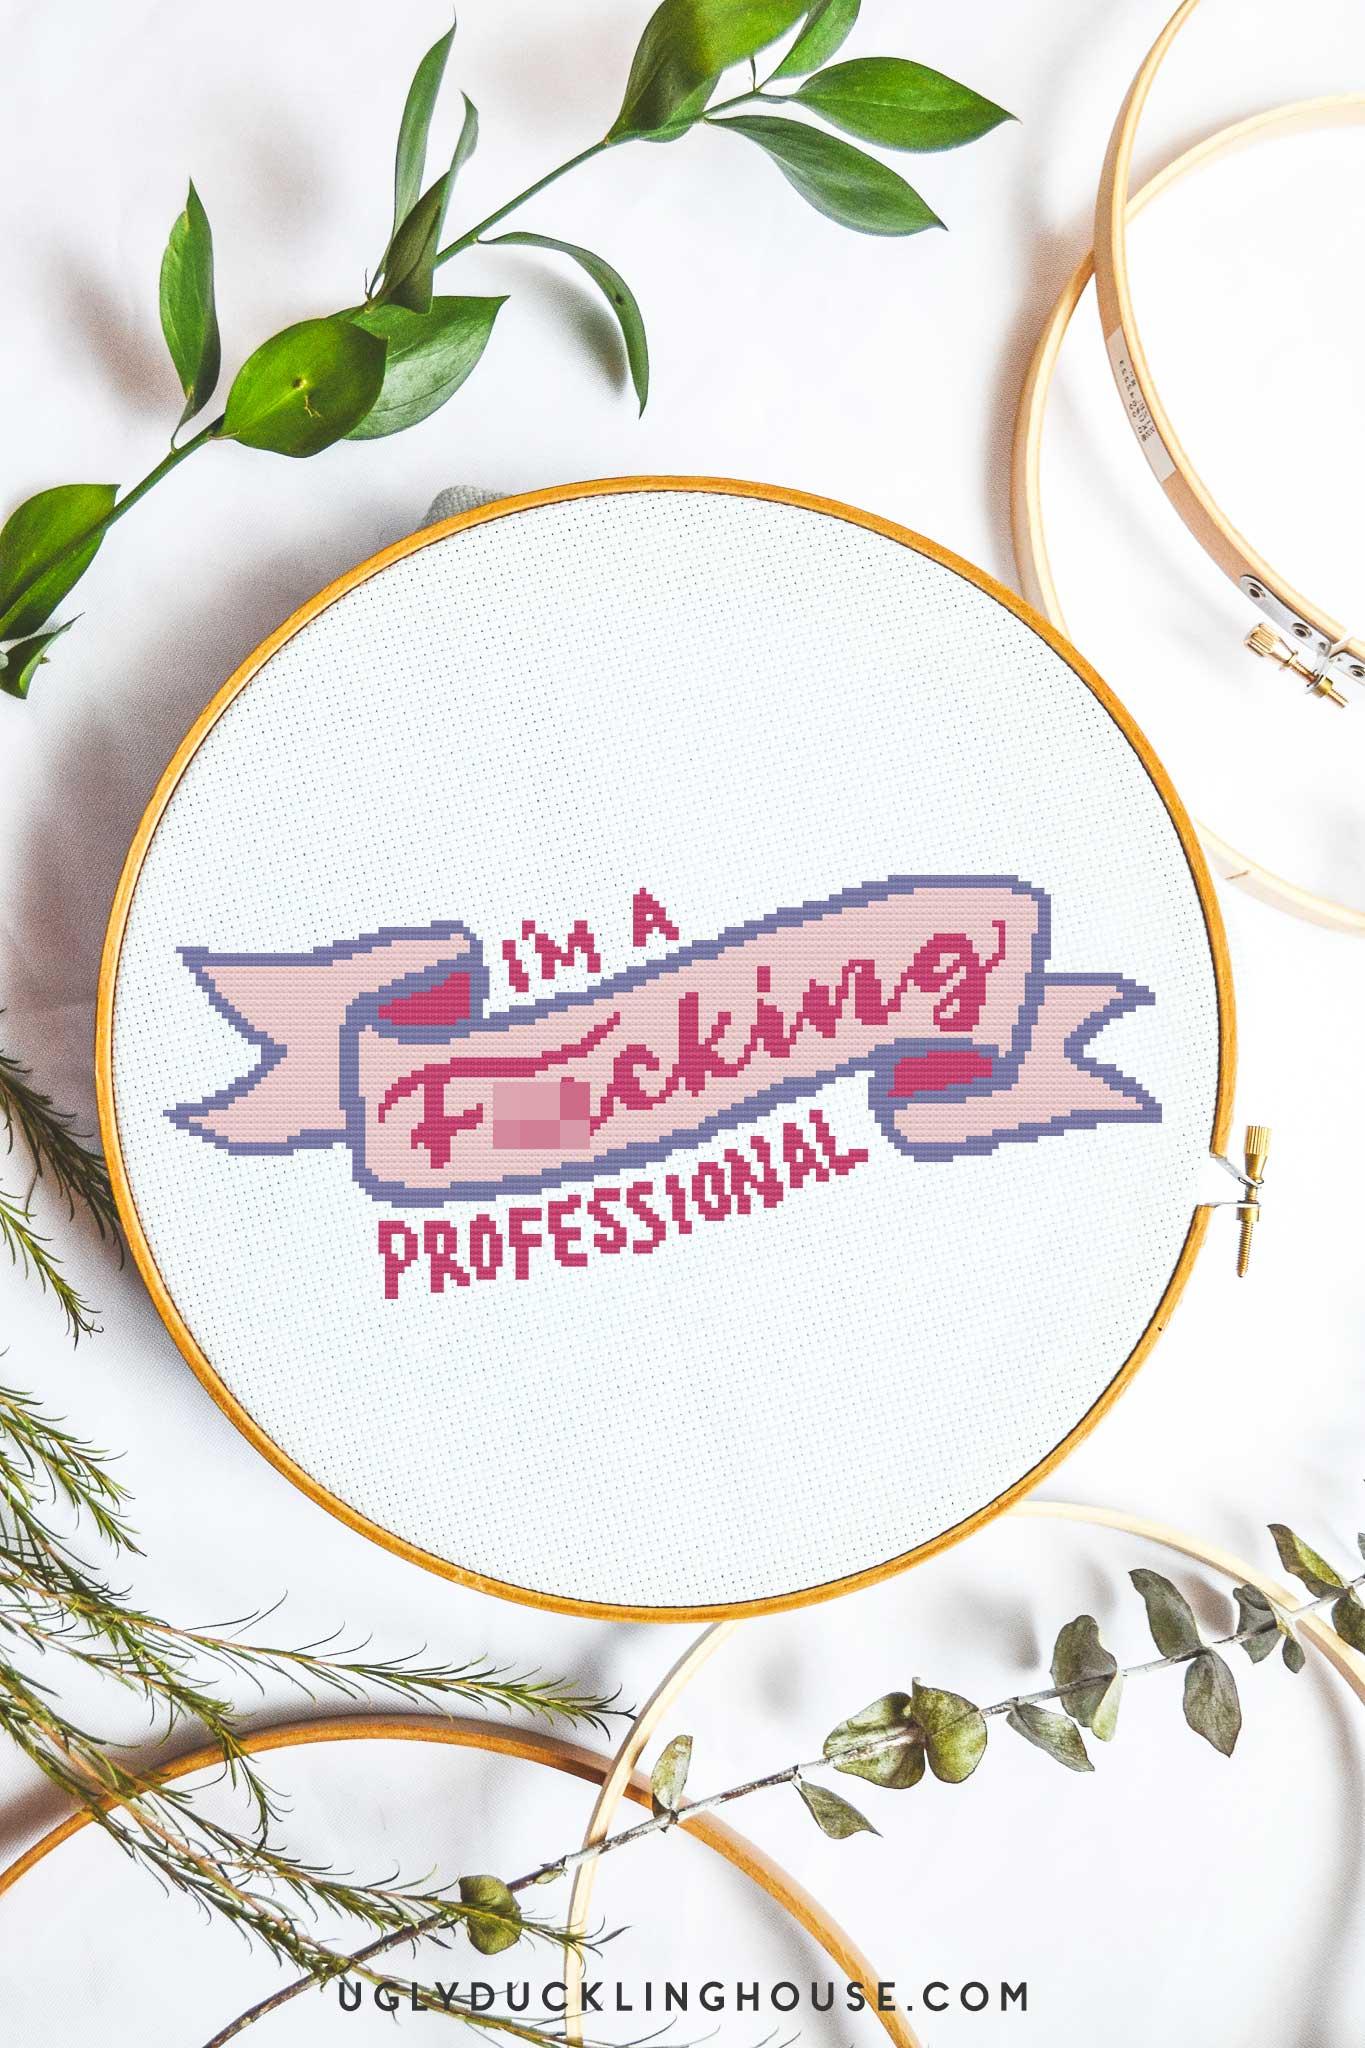 I'm a fucking professional cross stitch pattern